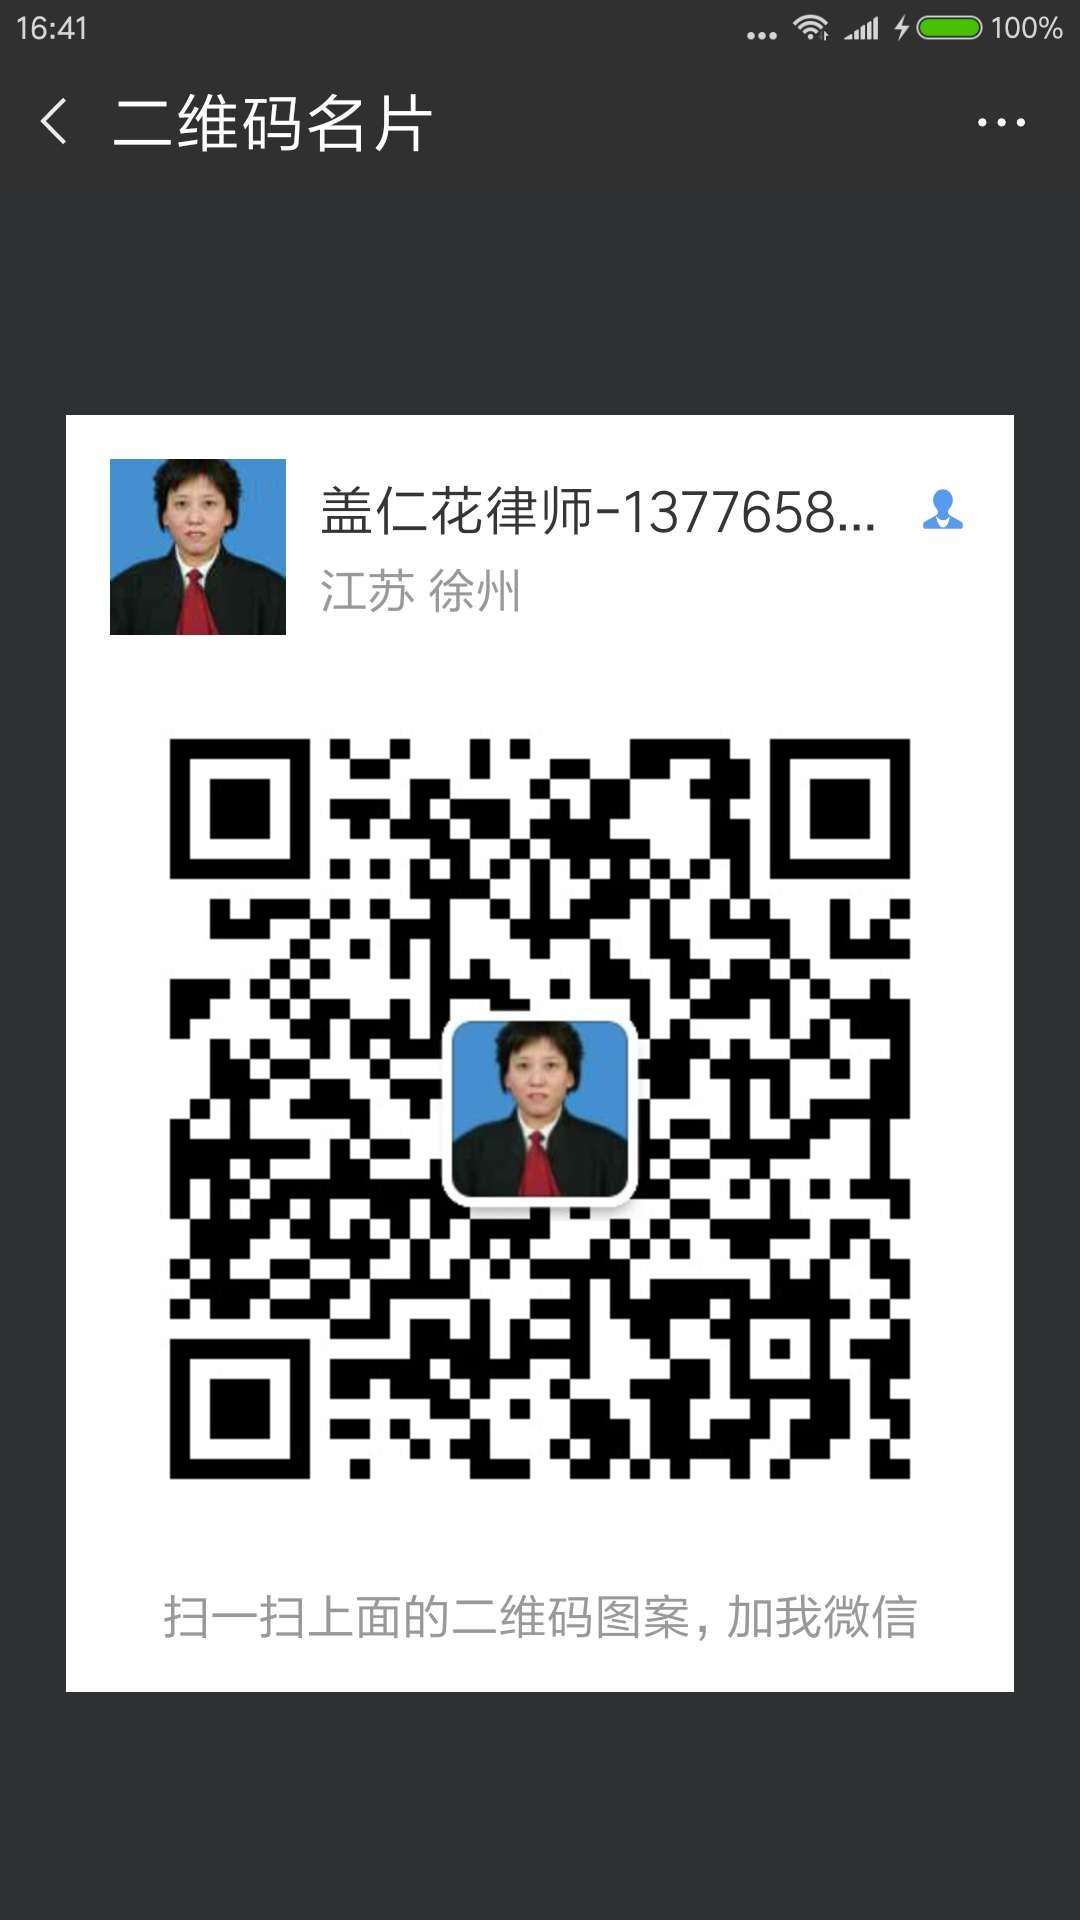 盖仁花律师微信二维码